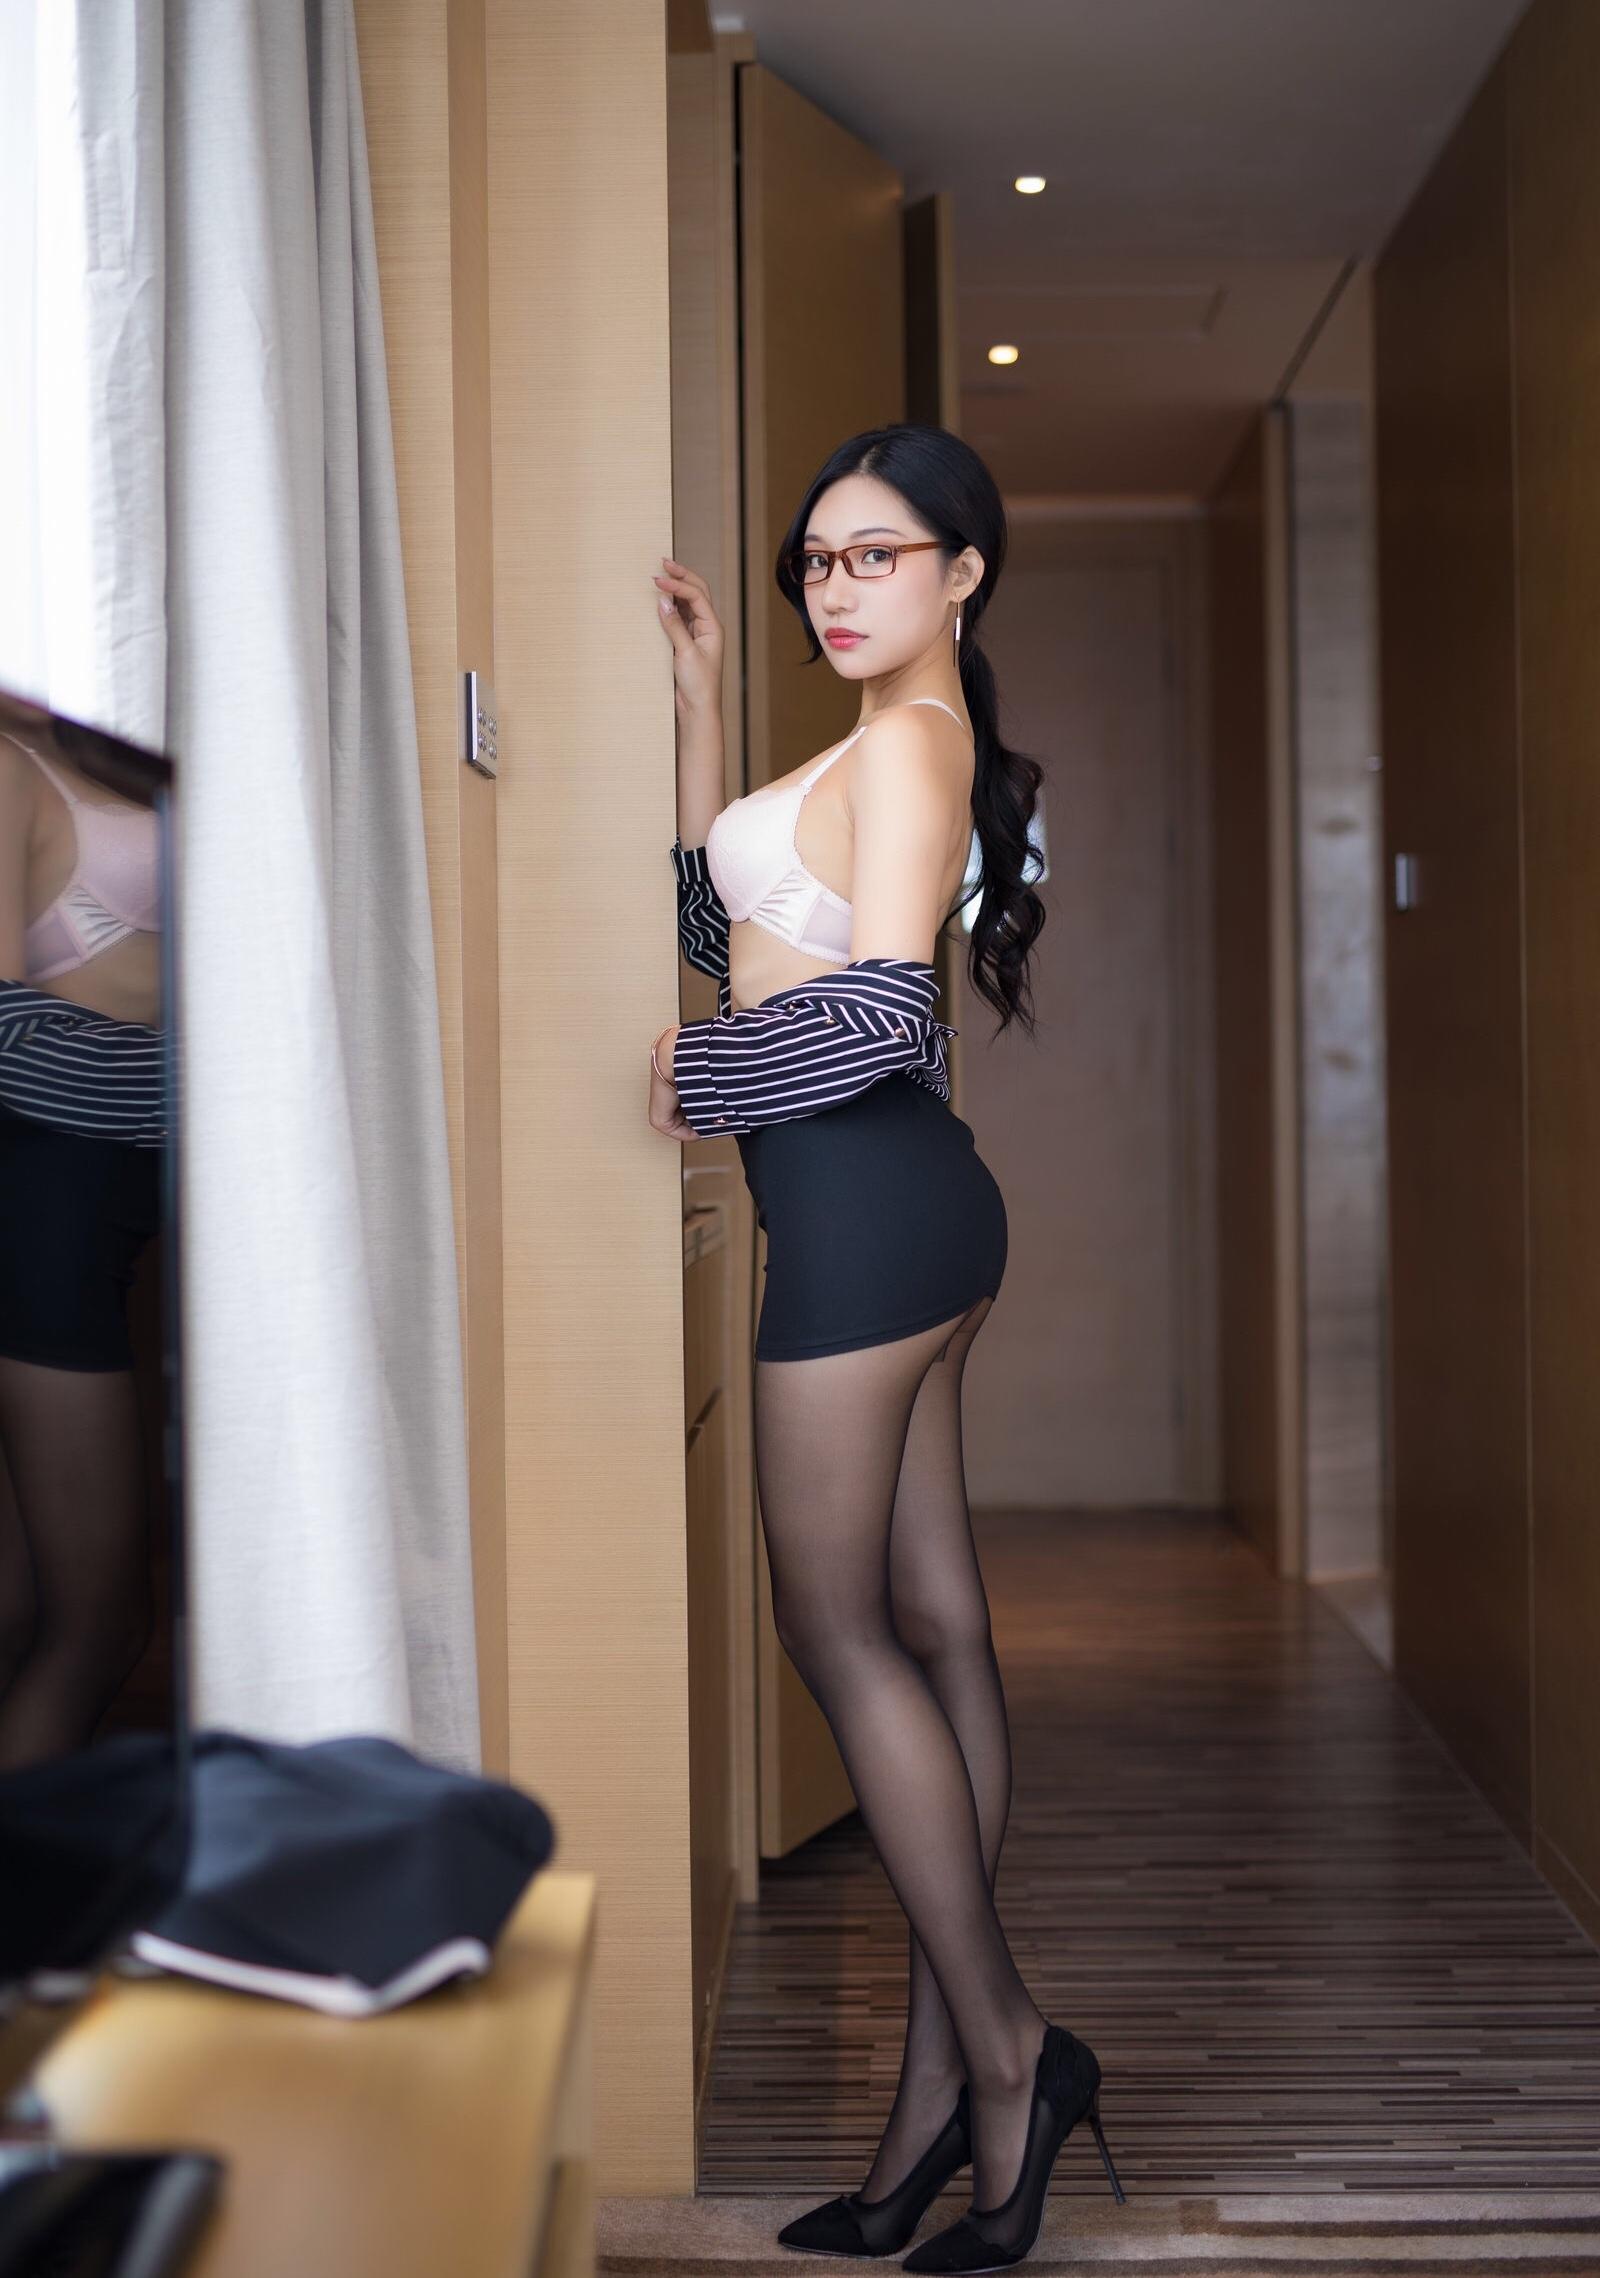 下着を見せ誘惑するOL美女 4